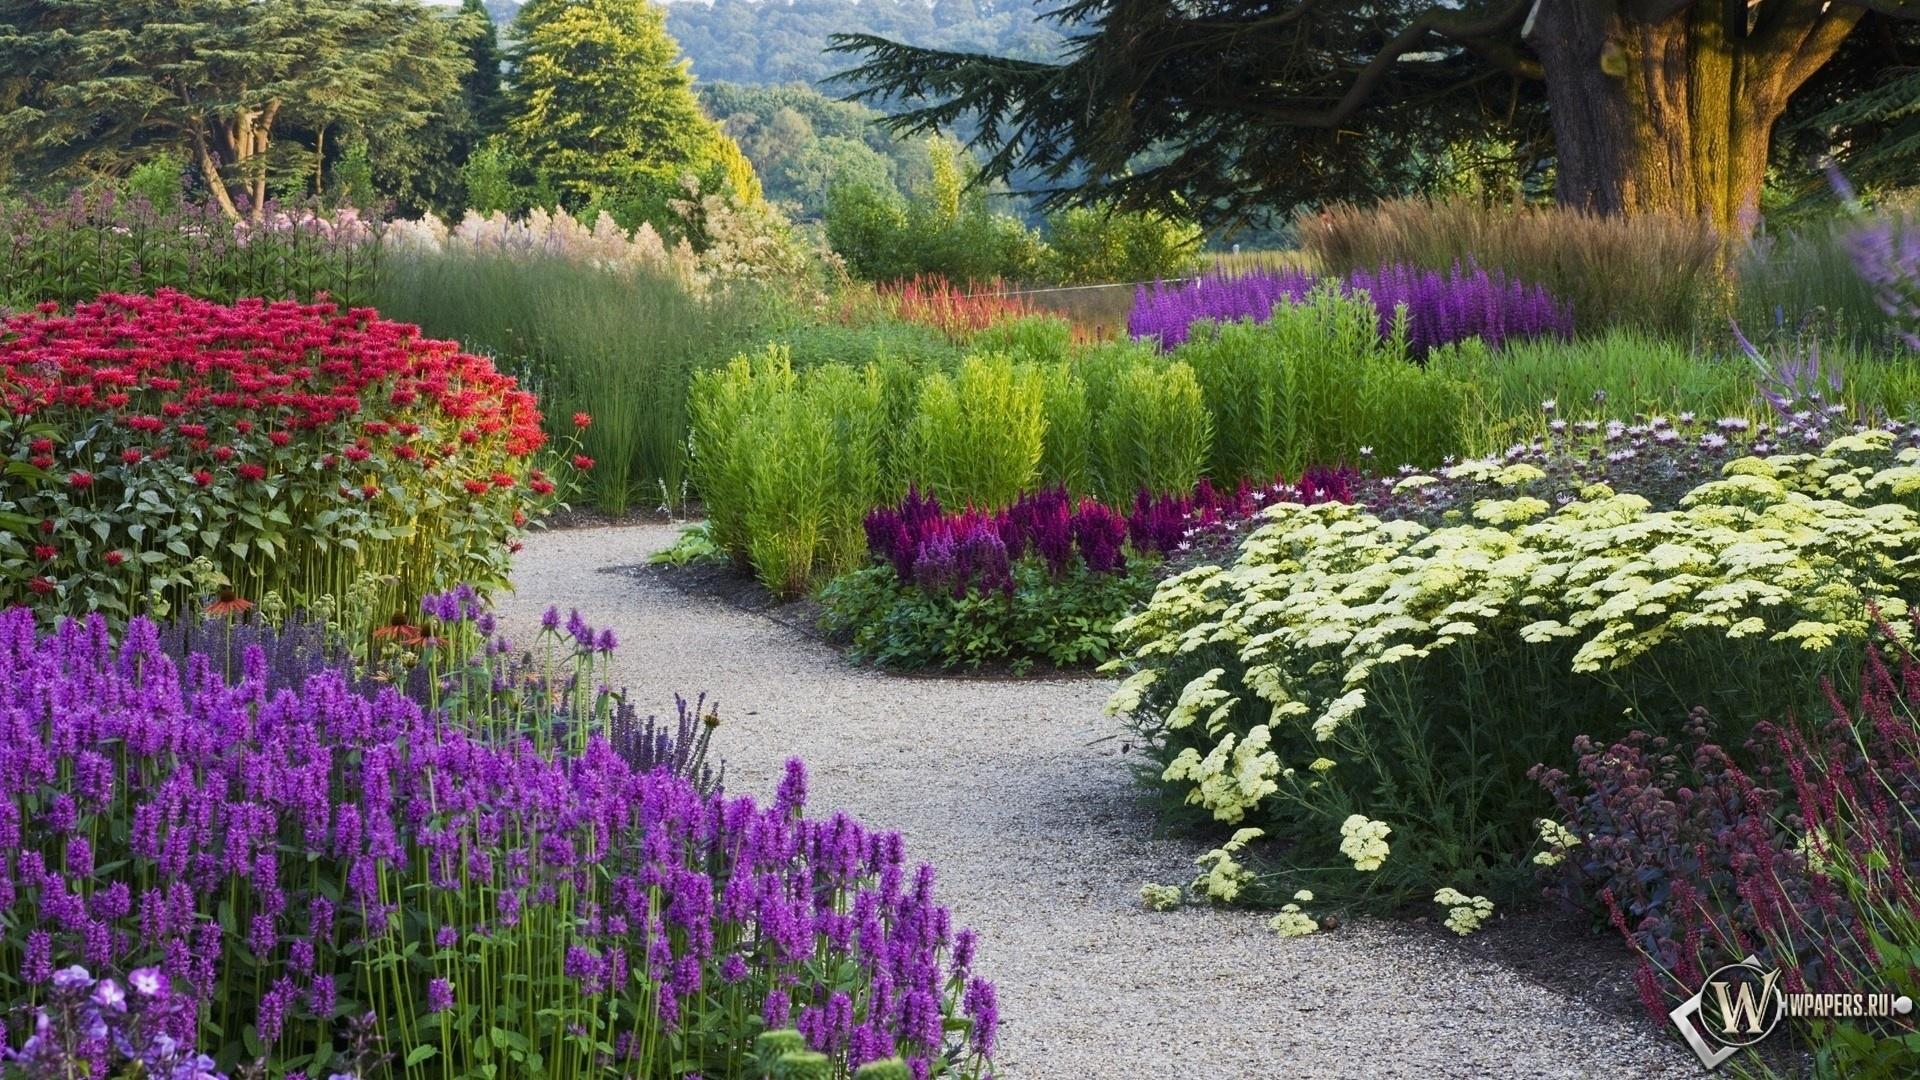 Цветочный сад 1920x1080